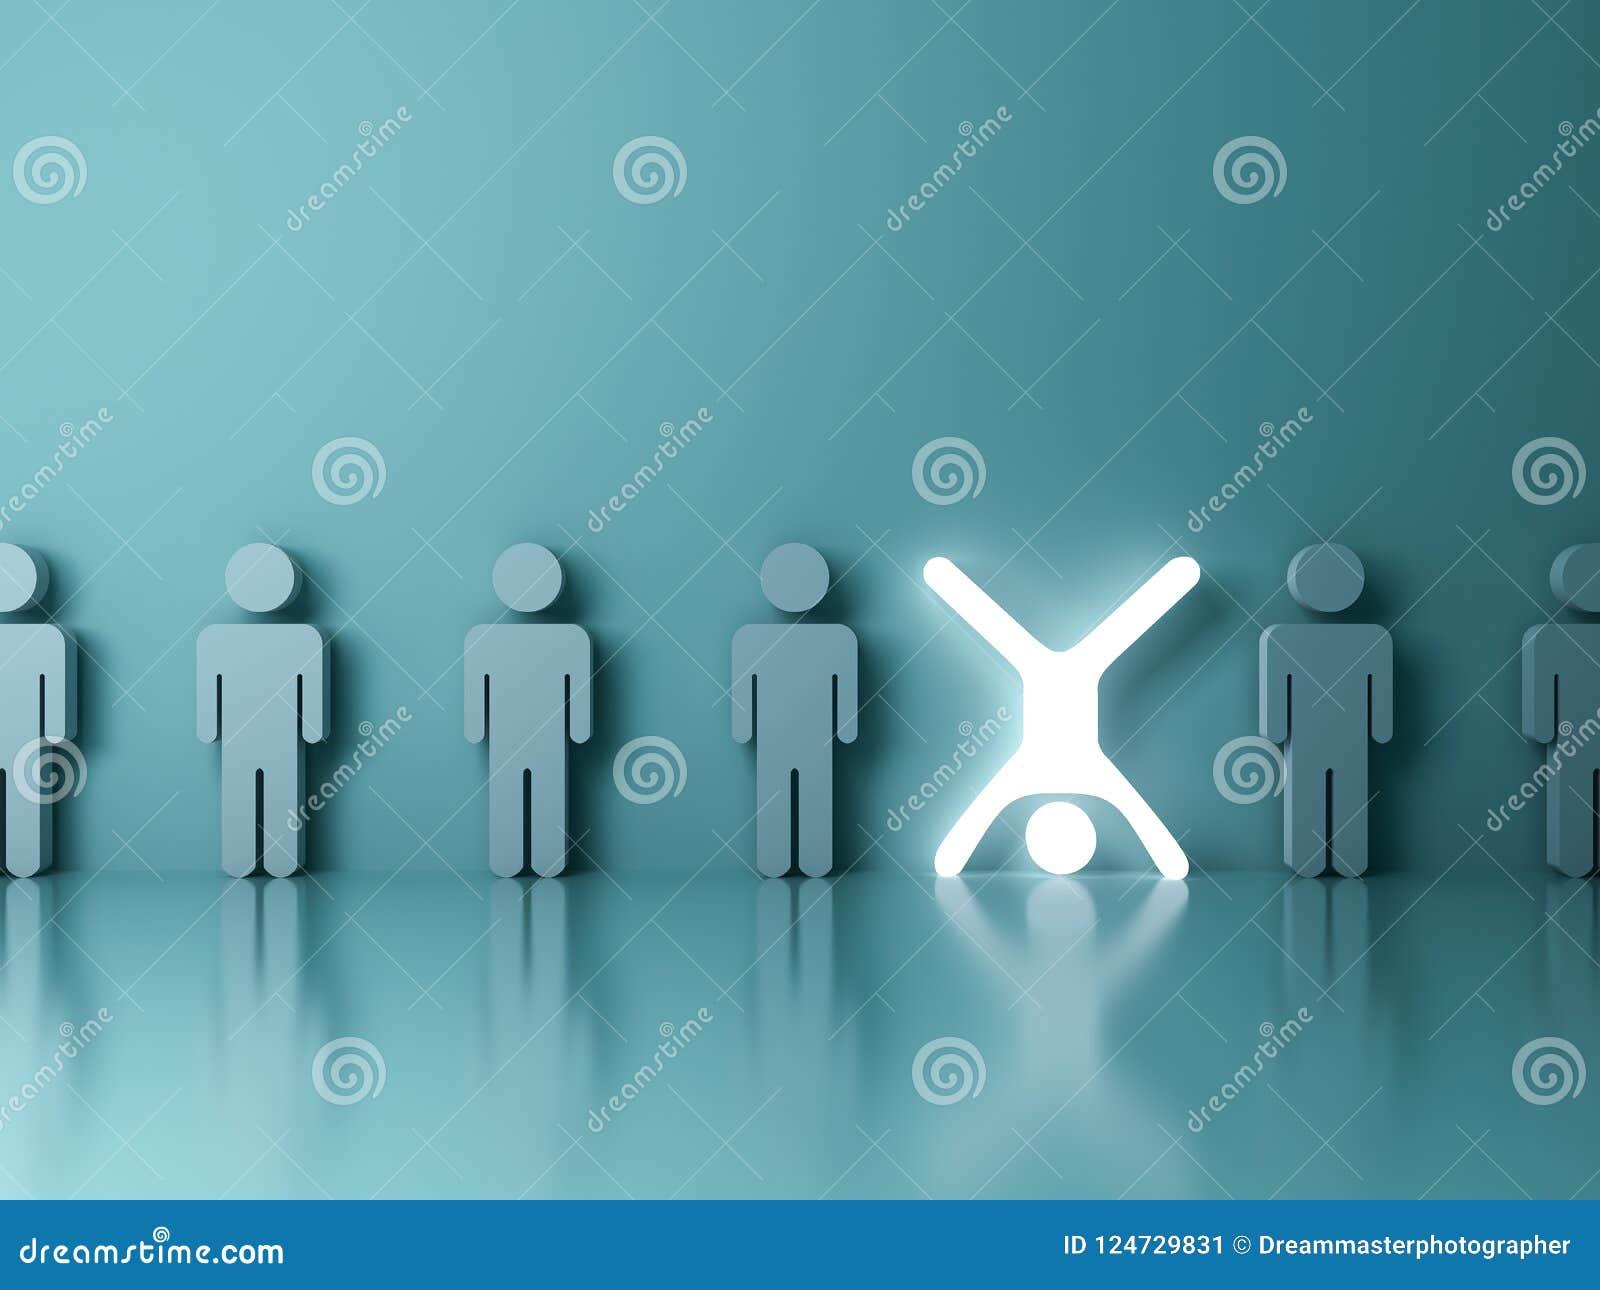 Tribune uit van menigte en verschillend creatief ideeconcept Één gloeiende lichte mensen bevindende bovenkant - neer met armen en